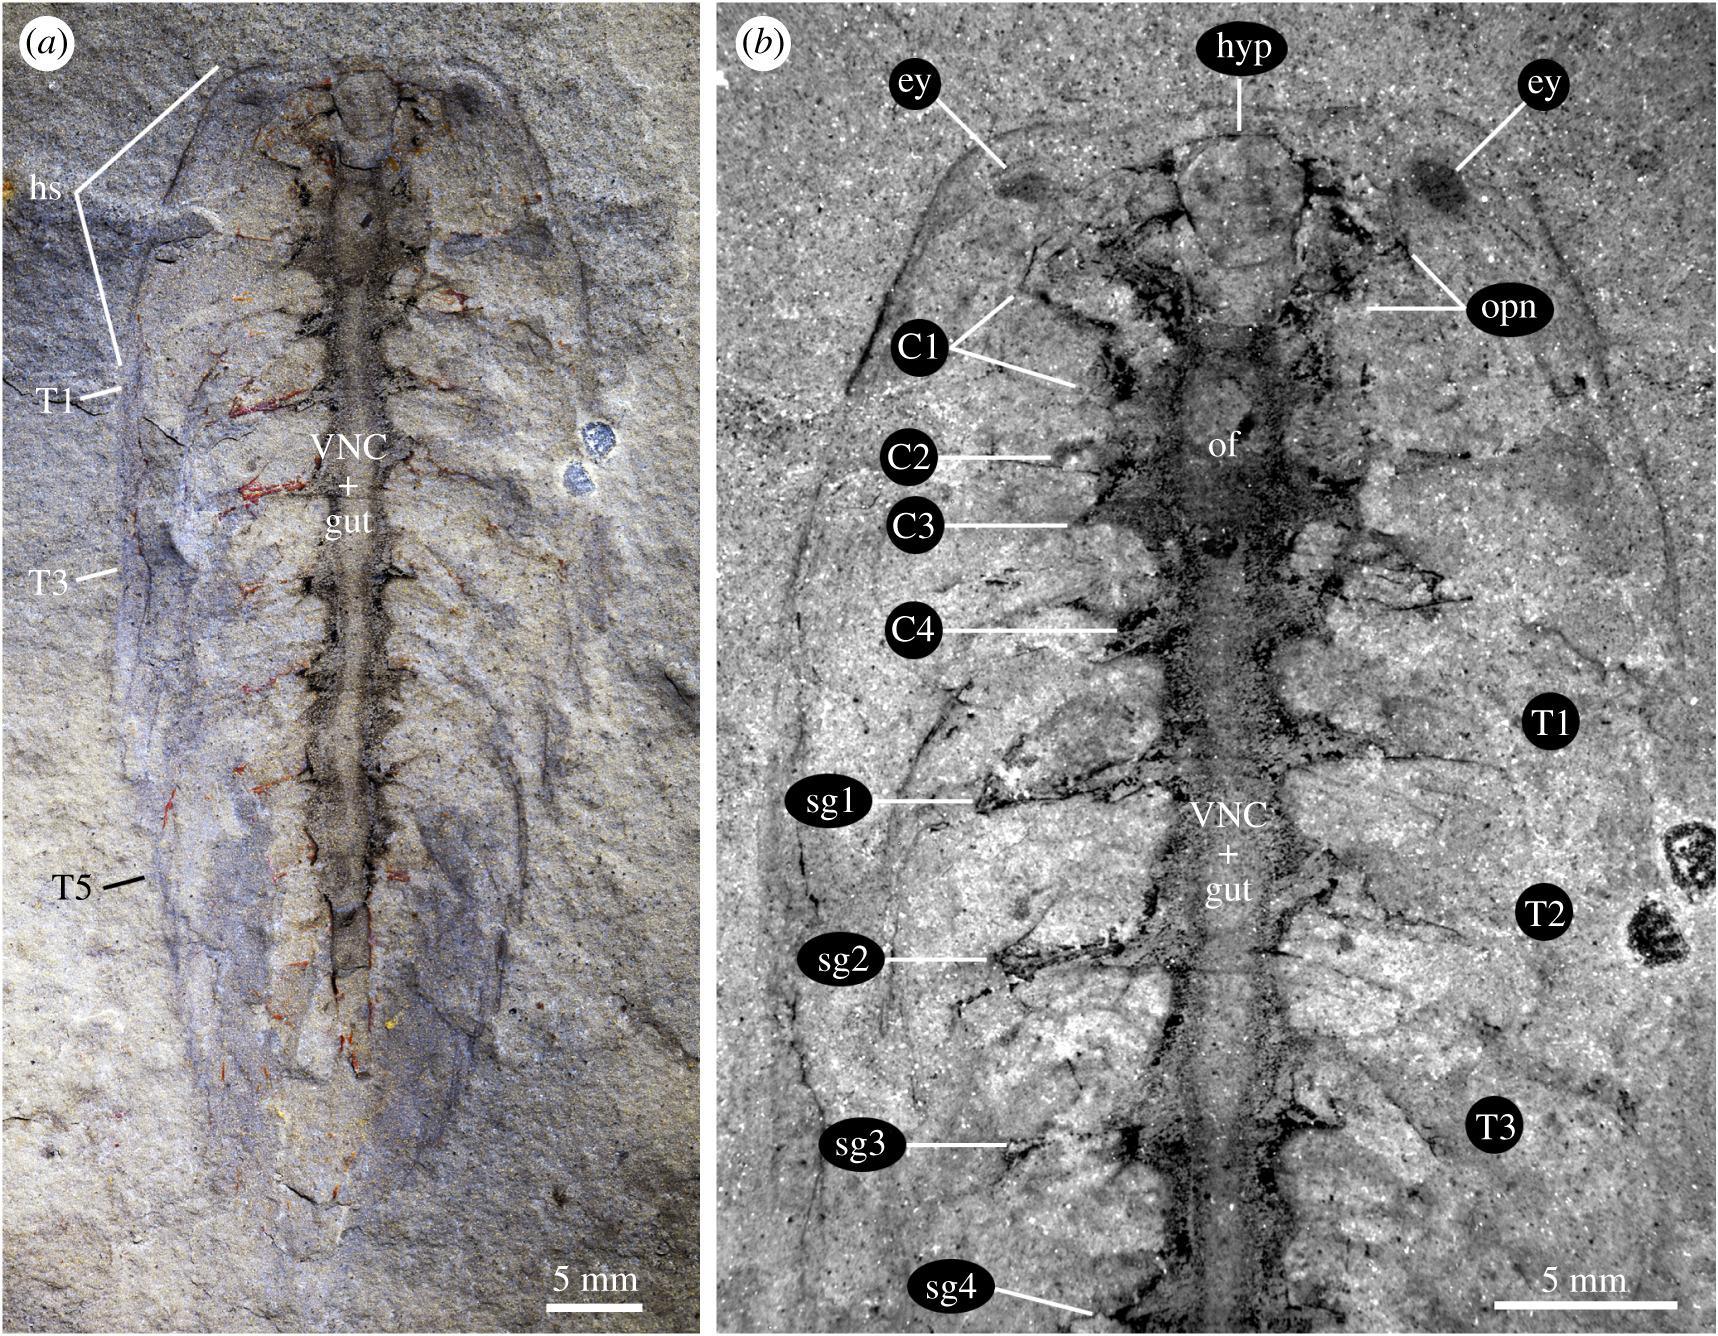 Решающее открытие? Обнаружена ископаемая нервная система возрастом сотни миллионов лет